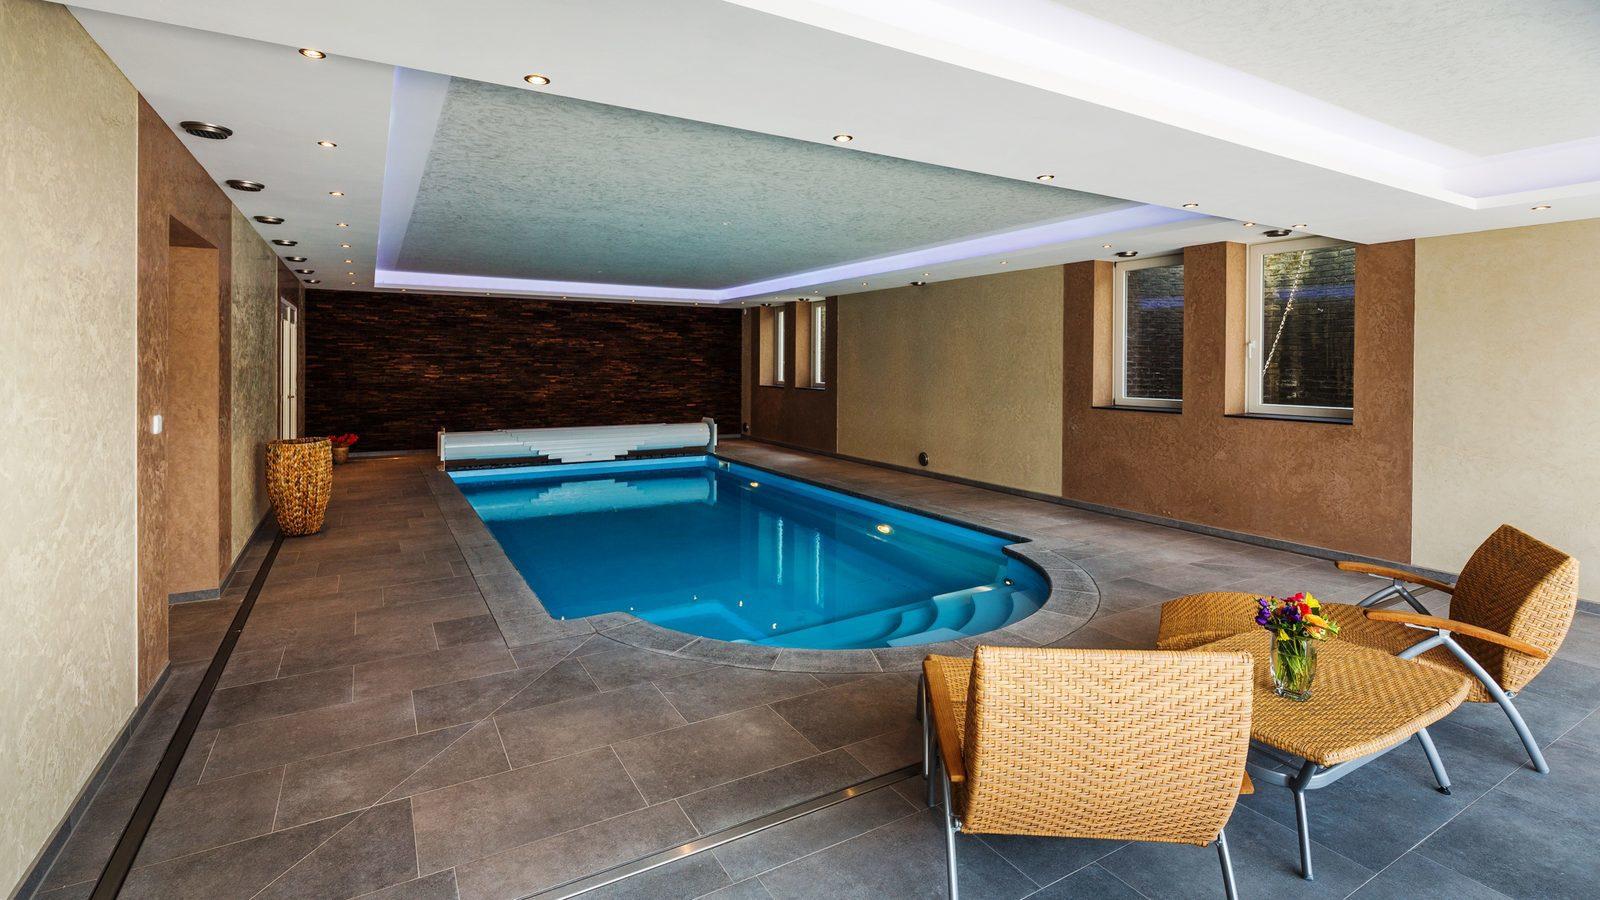 Zomerhuis Vakantie Inspiratie : Luxe vakantiehuizen met binnenzwembad in nederland en belgië i